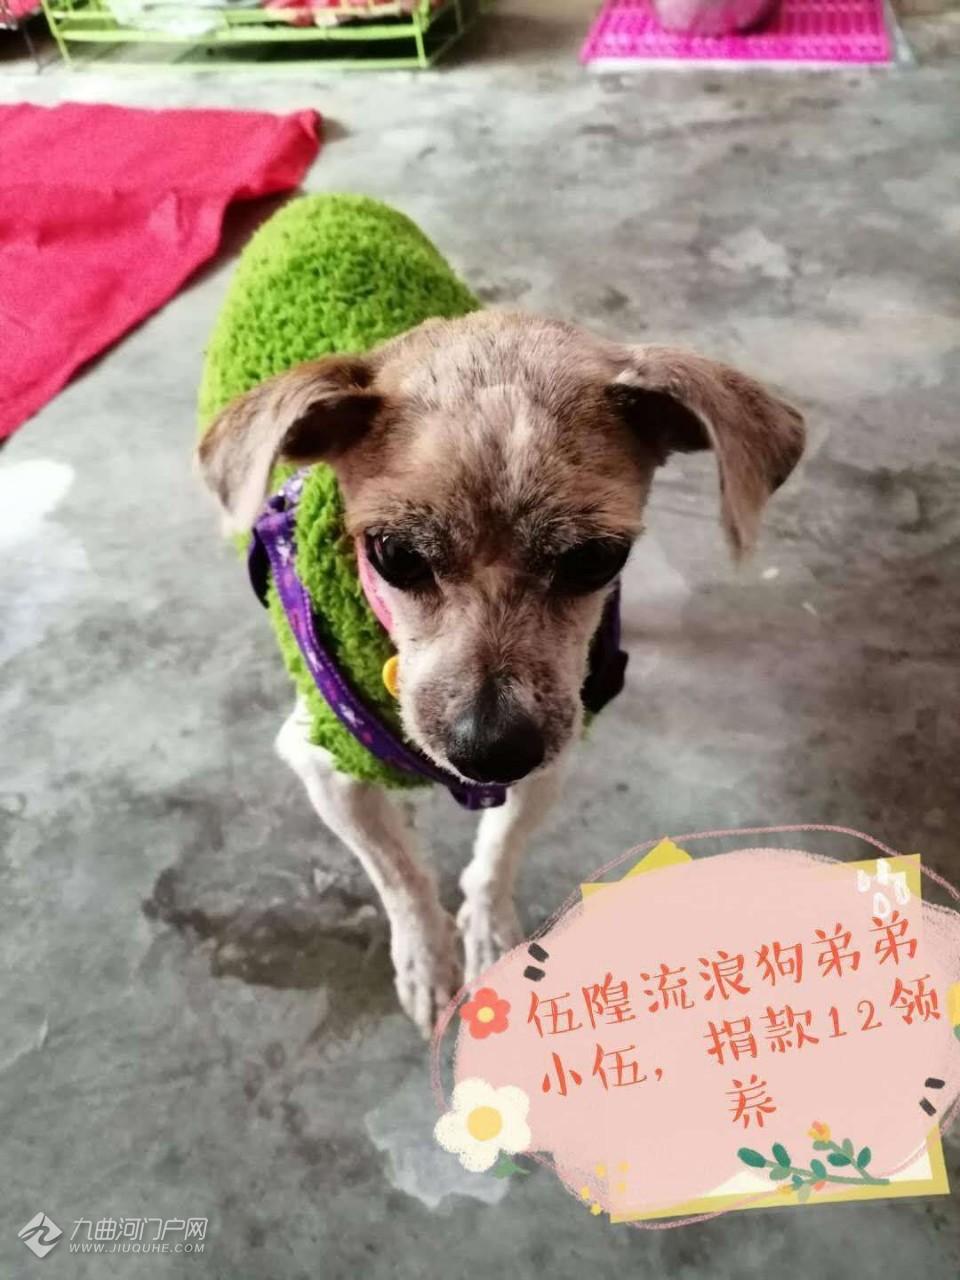 有喜欢宠物的吗?5月30日下午3点将在资阳万达举行流浪猫狗领养活动!